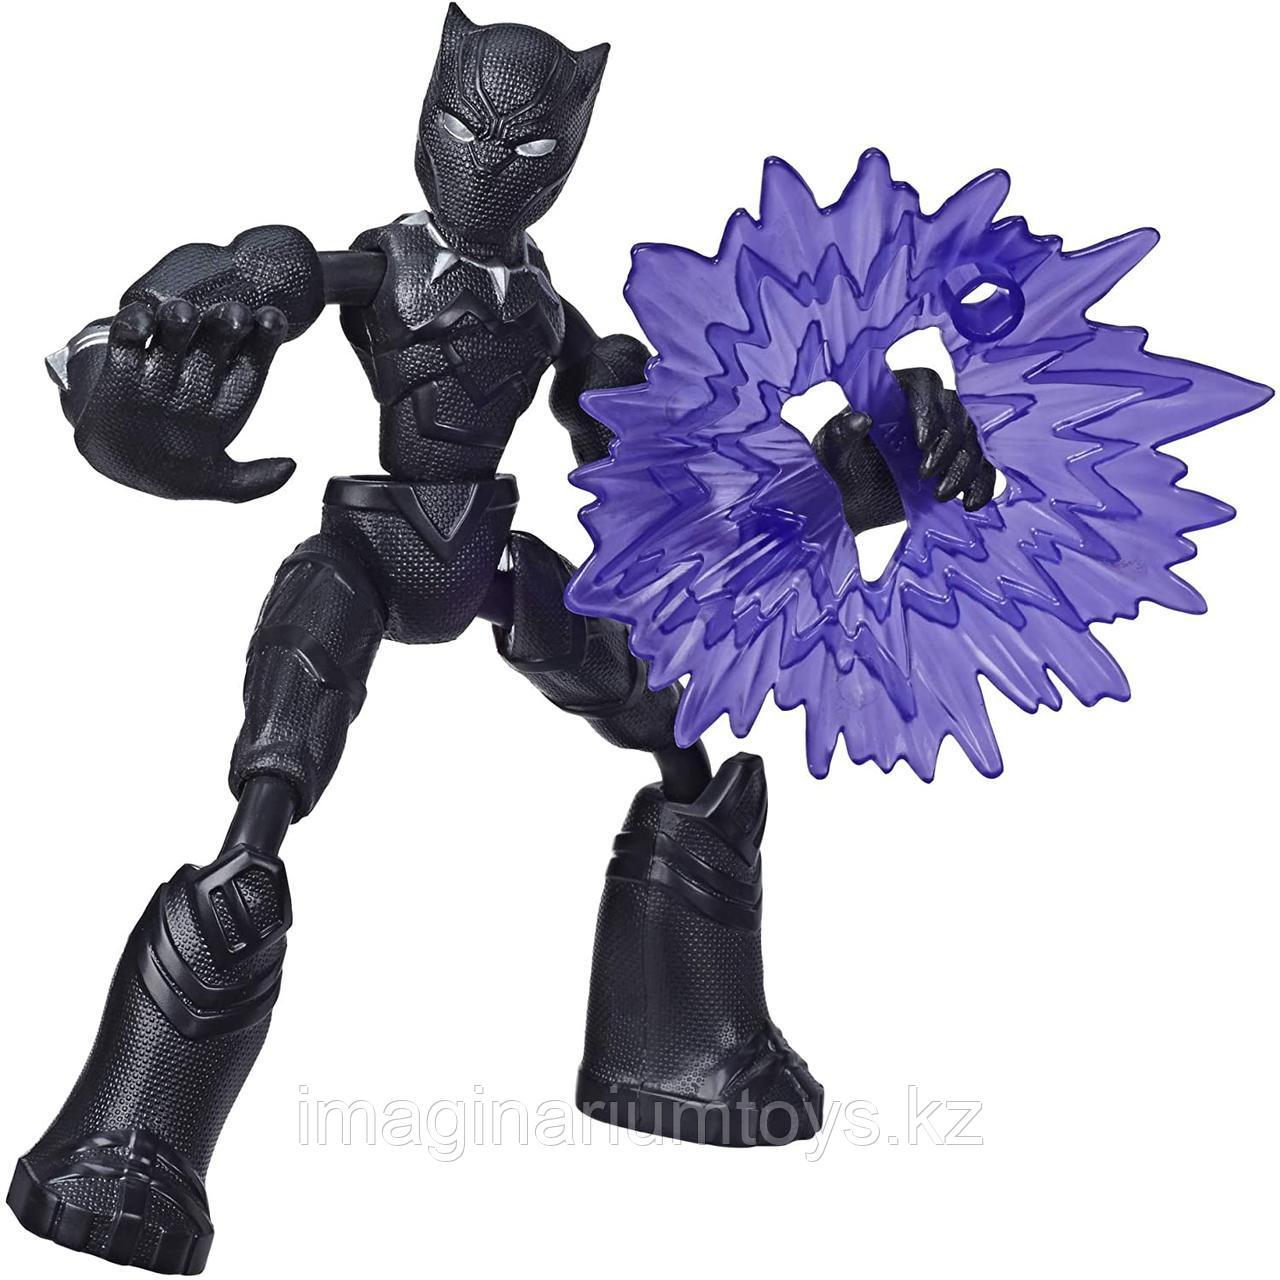 Черная пантера фигурка 15 см Bend&Flex Hasbro